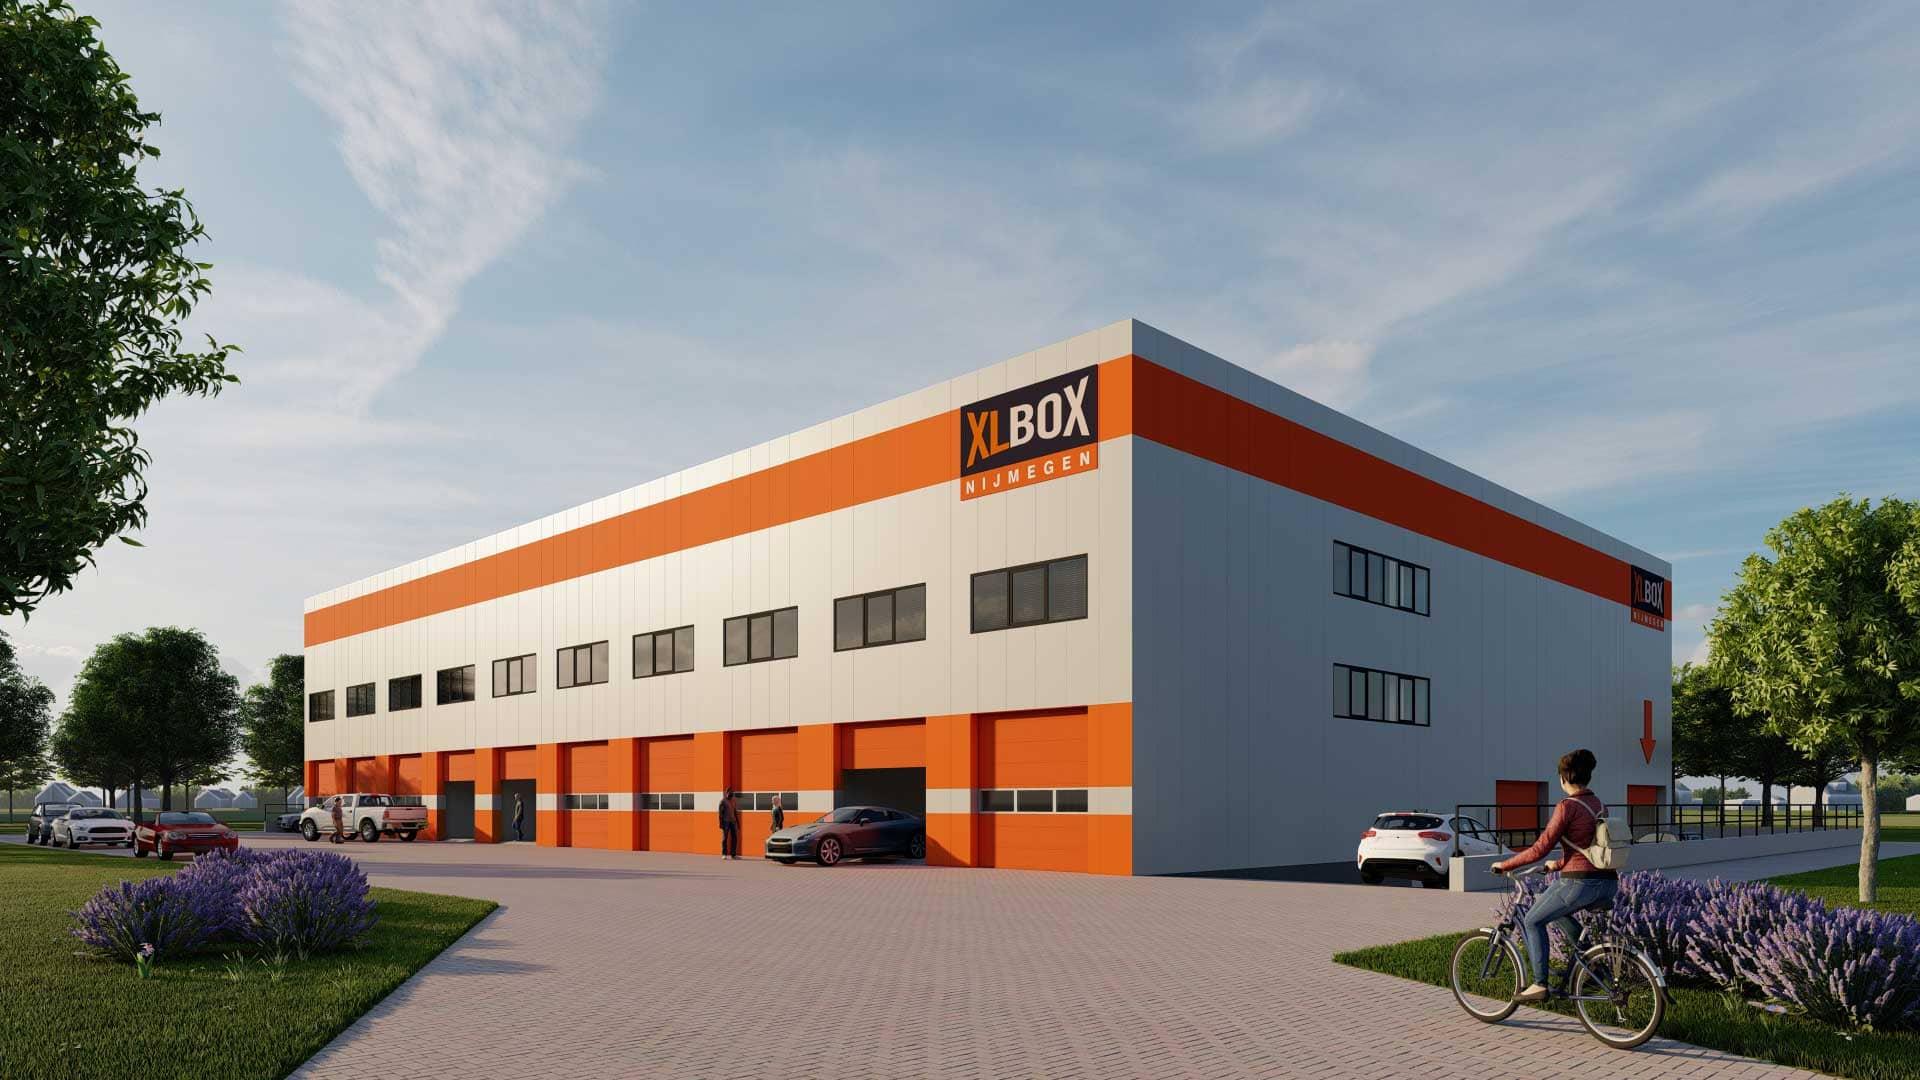 XLBox Nijmegen garageboxen